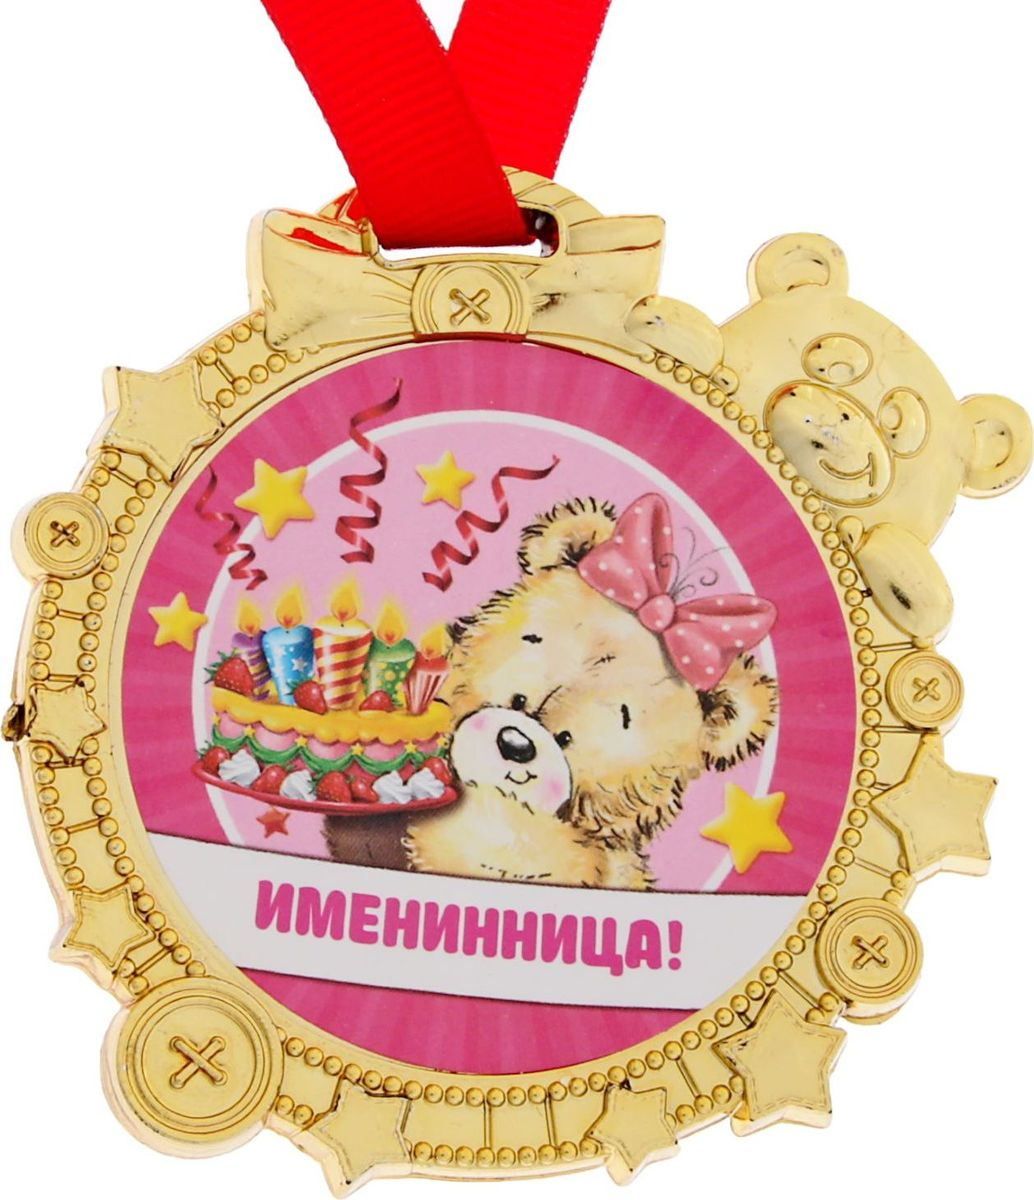 Медаль сувенирная Именинница, 6,9 х 6,9 см1866863Красочная медаль золотого цвета для награждения детишек во время проведения соревнований, конкурсов и утренников подвигнет ребят на достижение новых высот! Награда дополнена яркой лентой, позволяющей сразу повесить изделие на шею ребёнка. Преподносится на красочной подложке.